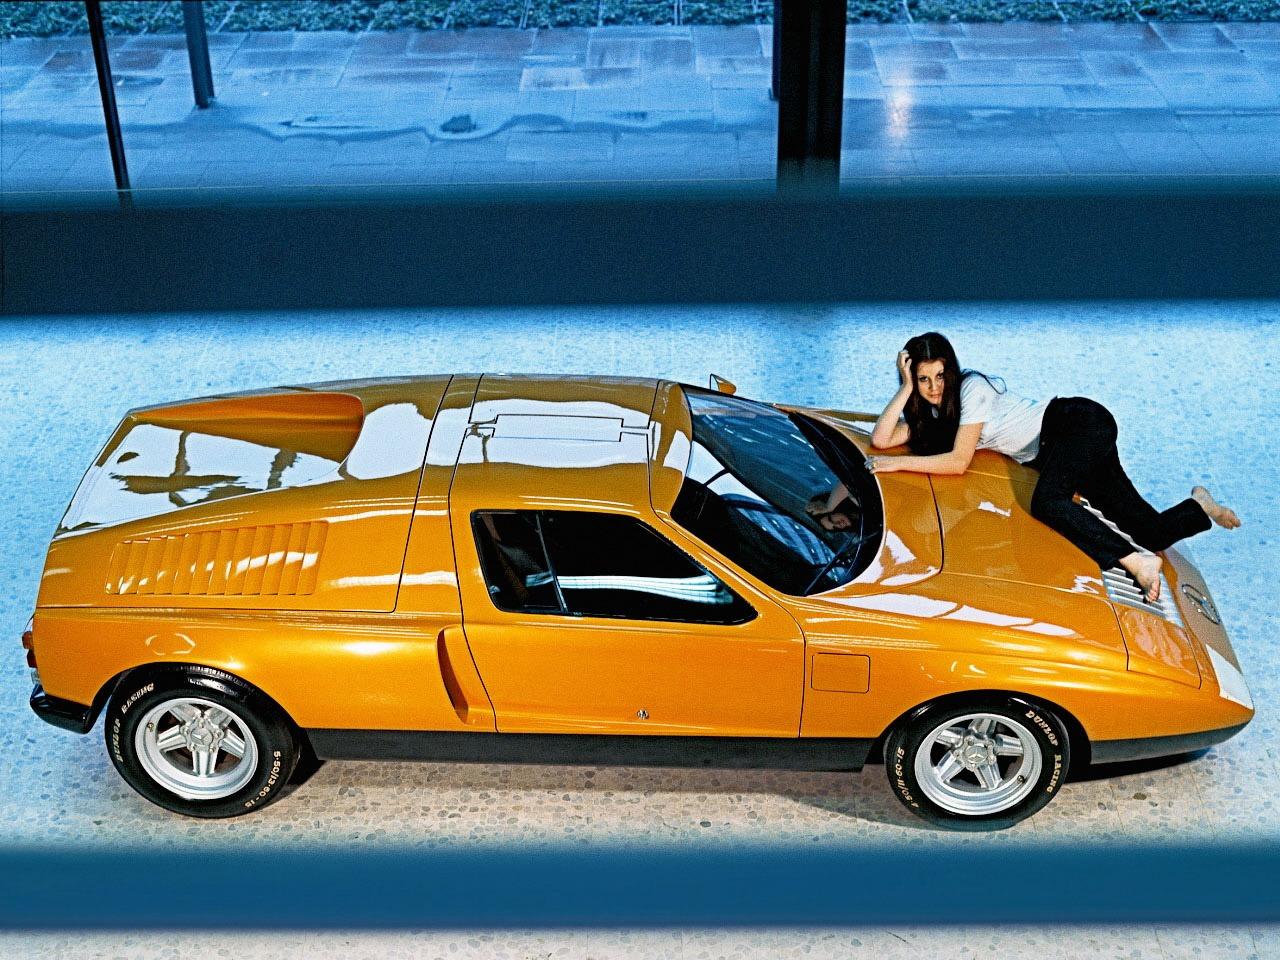 Mercedes-Benz C111-I Concept (1969) – Old Concept Cars